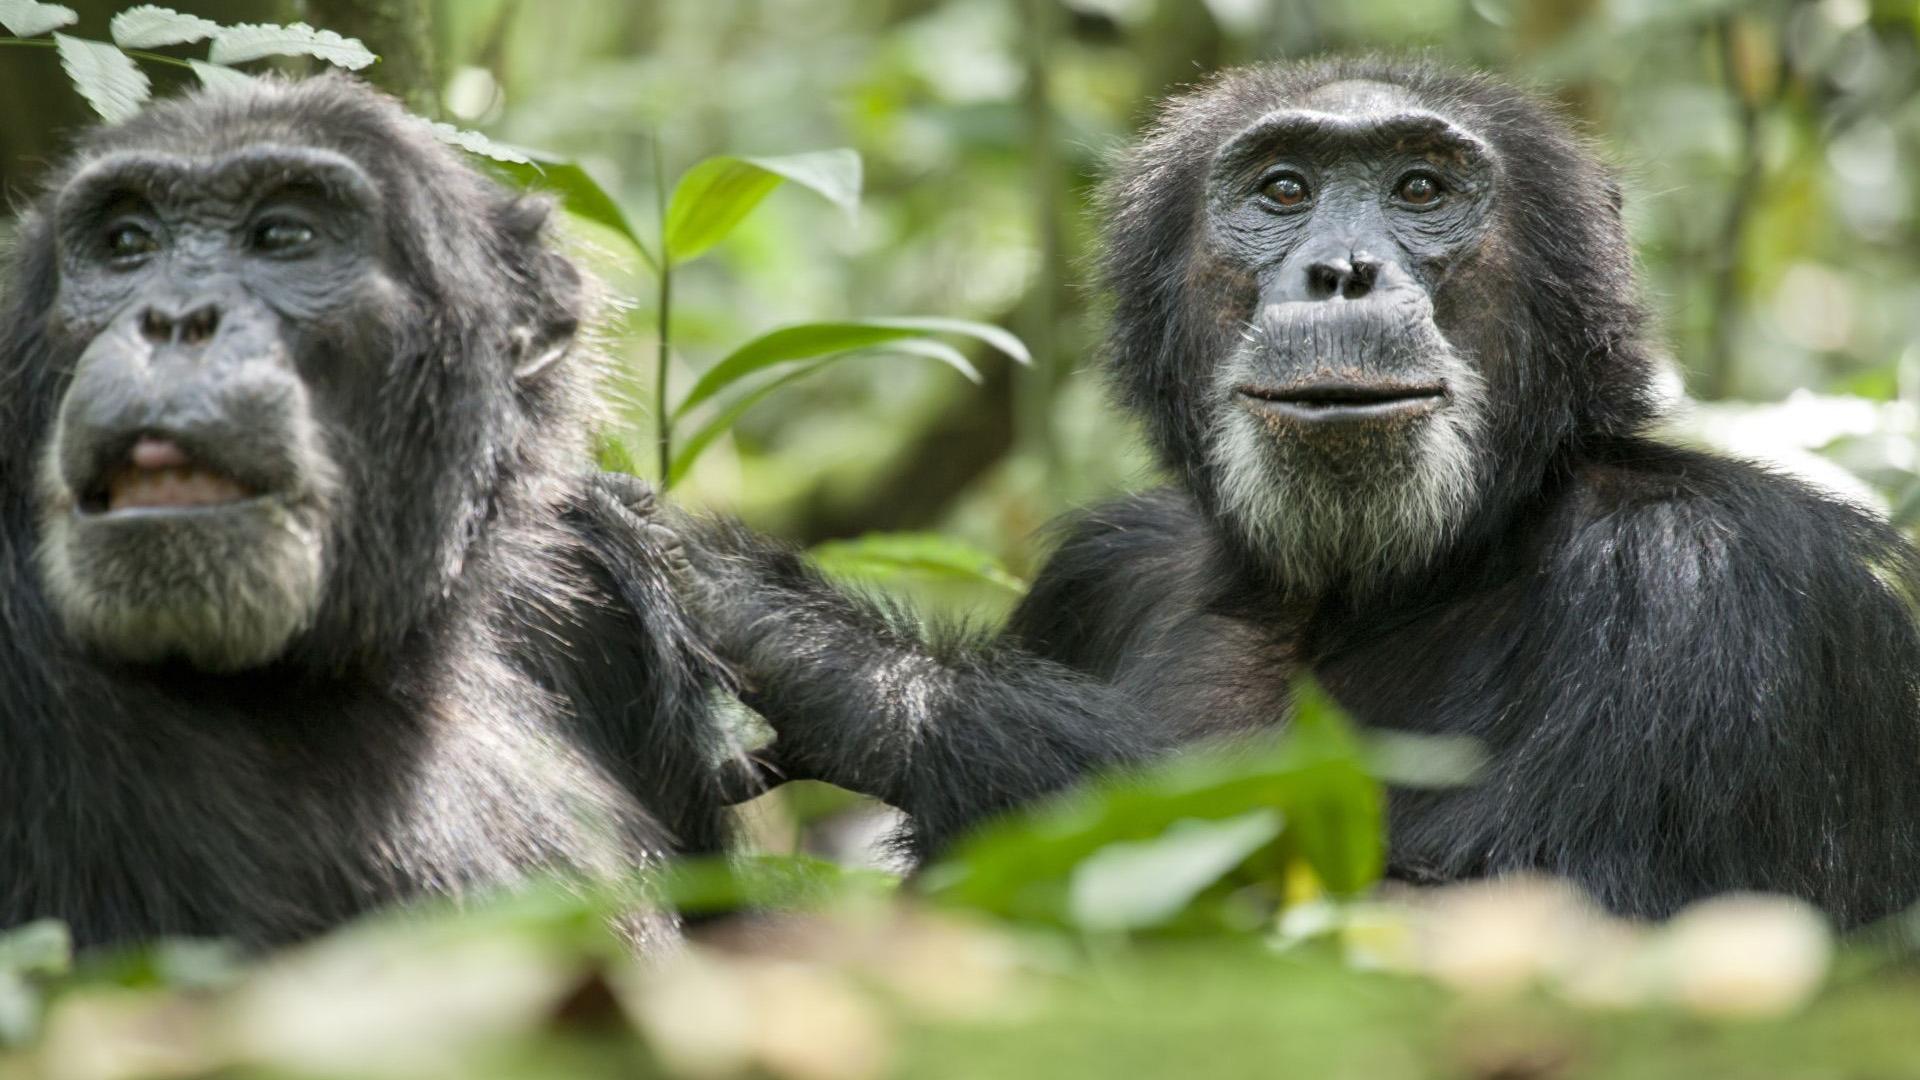 在一项行为实验中,黑猩猩对曾经帮助过它的同伴进行了奖励,这表明人类协作的一些主要动机可能存在于与黑猩猩的共同祖先物种。之前研究显示黑猩猩以不同方式与其它同伴进行合作,但是该行为的动机并不明确。 为了更多地掌握黑猩猩的行为特征,德国马克斯·普朗克研究所的科学家进行了一系列动物行为研究,一只黑猩猩作为实验主体,实验中黑猩猩获取食物的入口被阻挡,它必须在其它黑猩猩的帮助下,或者自己独立完成。 物质回报被认为是人类协作的一个关键部分,这项研究结果表明,在某些情况下,黑猩猩像人类一样,乐意向同伴表达感